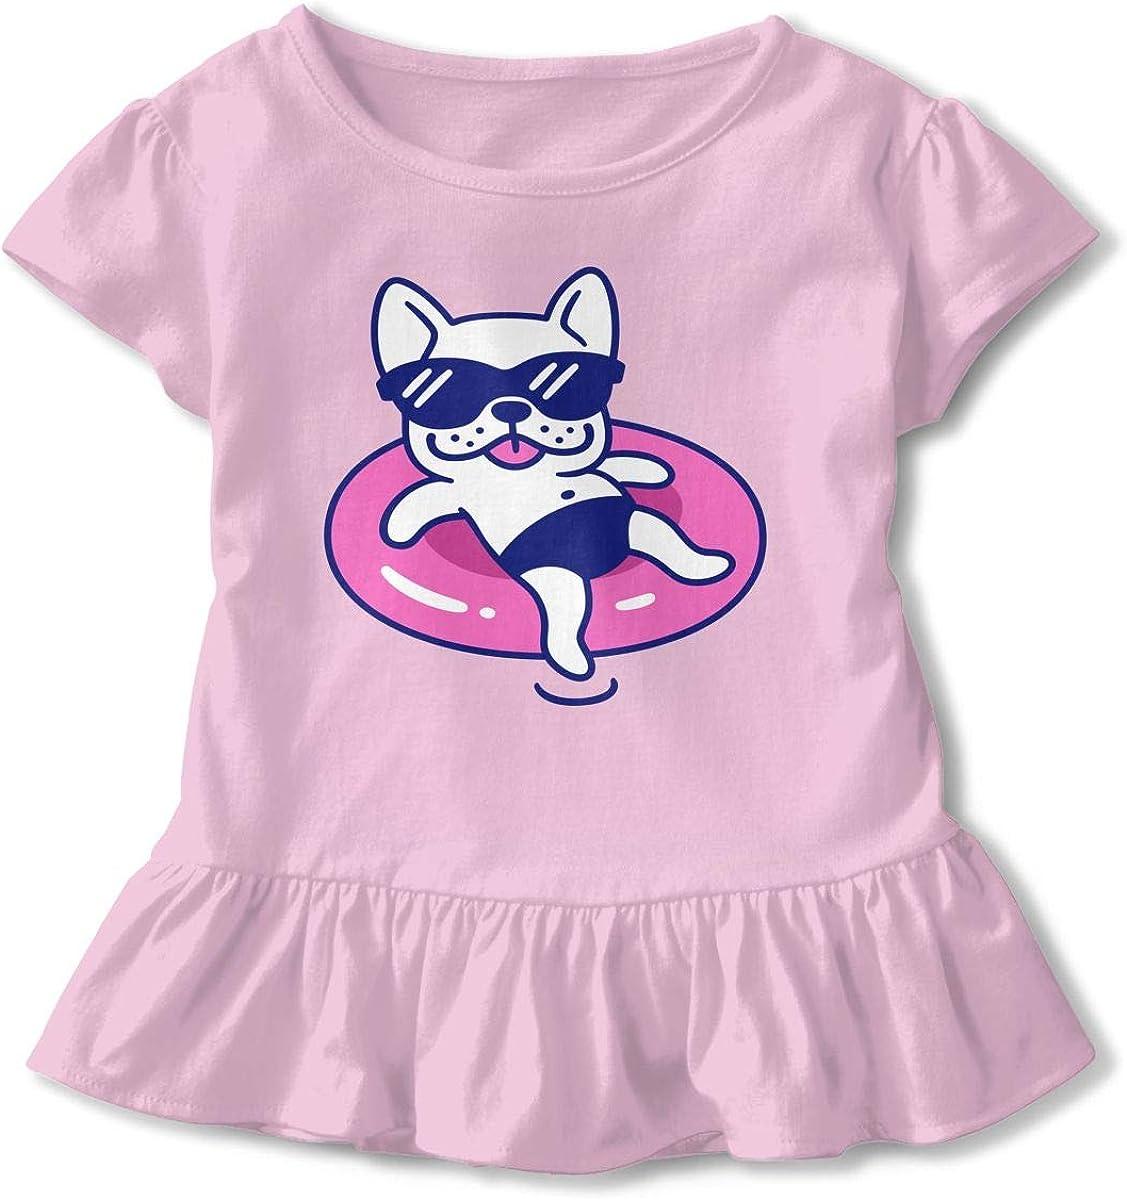 Cheng Jian Bo Frenchie French Bulldog Dog Toddler Girls T Shirt Kids Cotton Short Sleeve Ruffle Tee